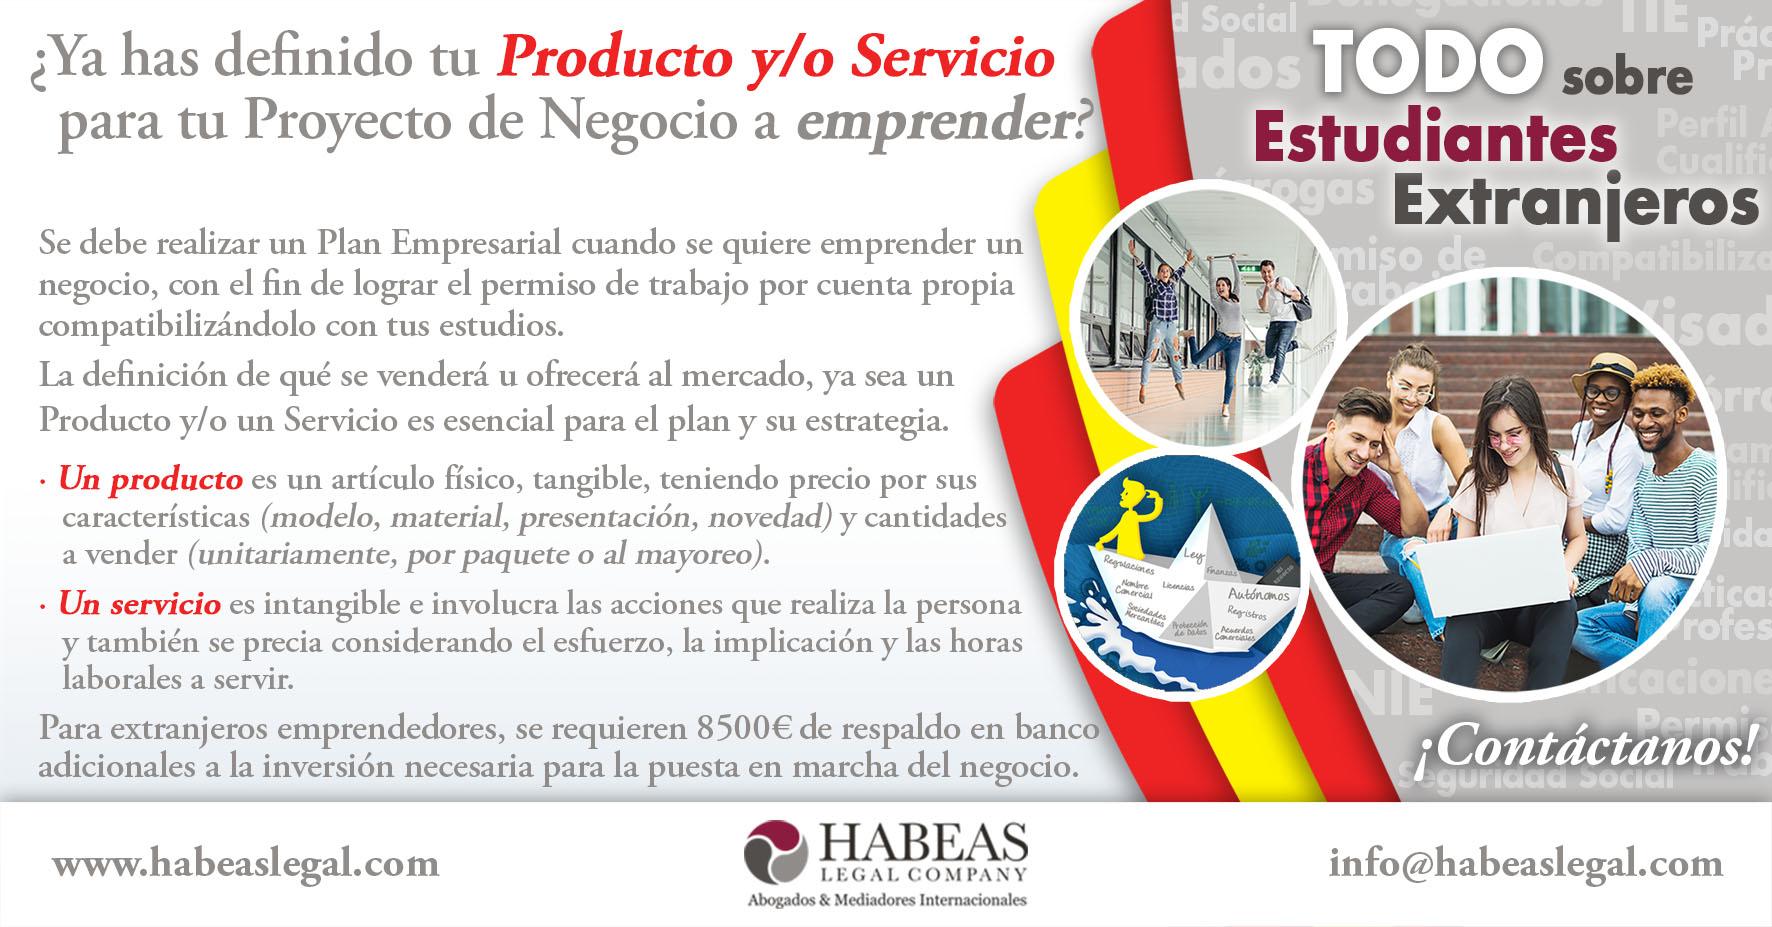 Producto Servicio Proyecto Negocio Migrante Emprendedor Habeas - ¿Ya has definido tu Producto y/o Servicio para tu Proyecto de Negocio a emprender?